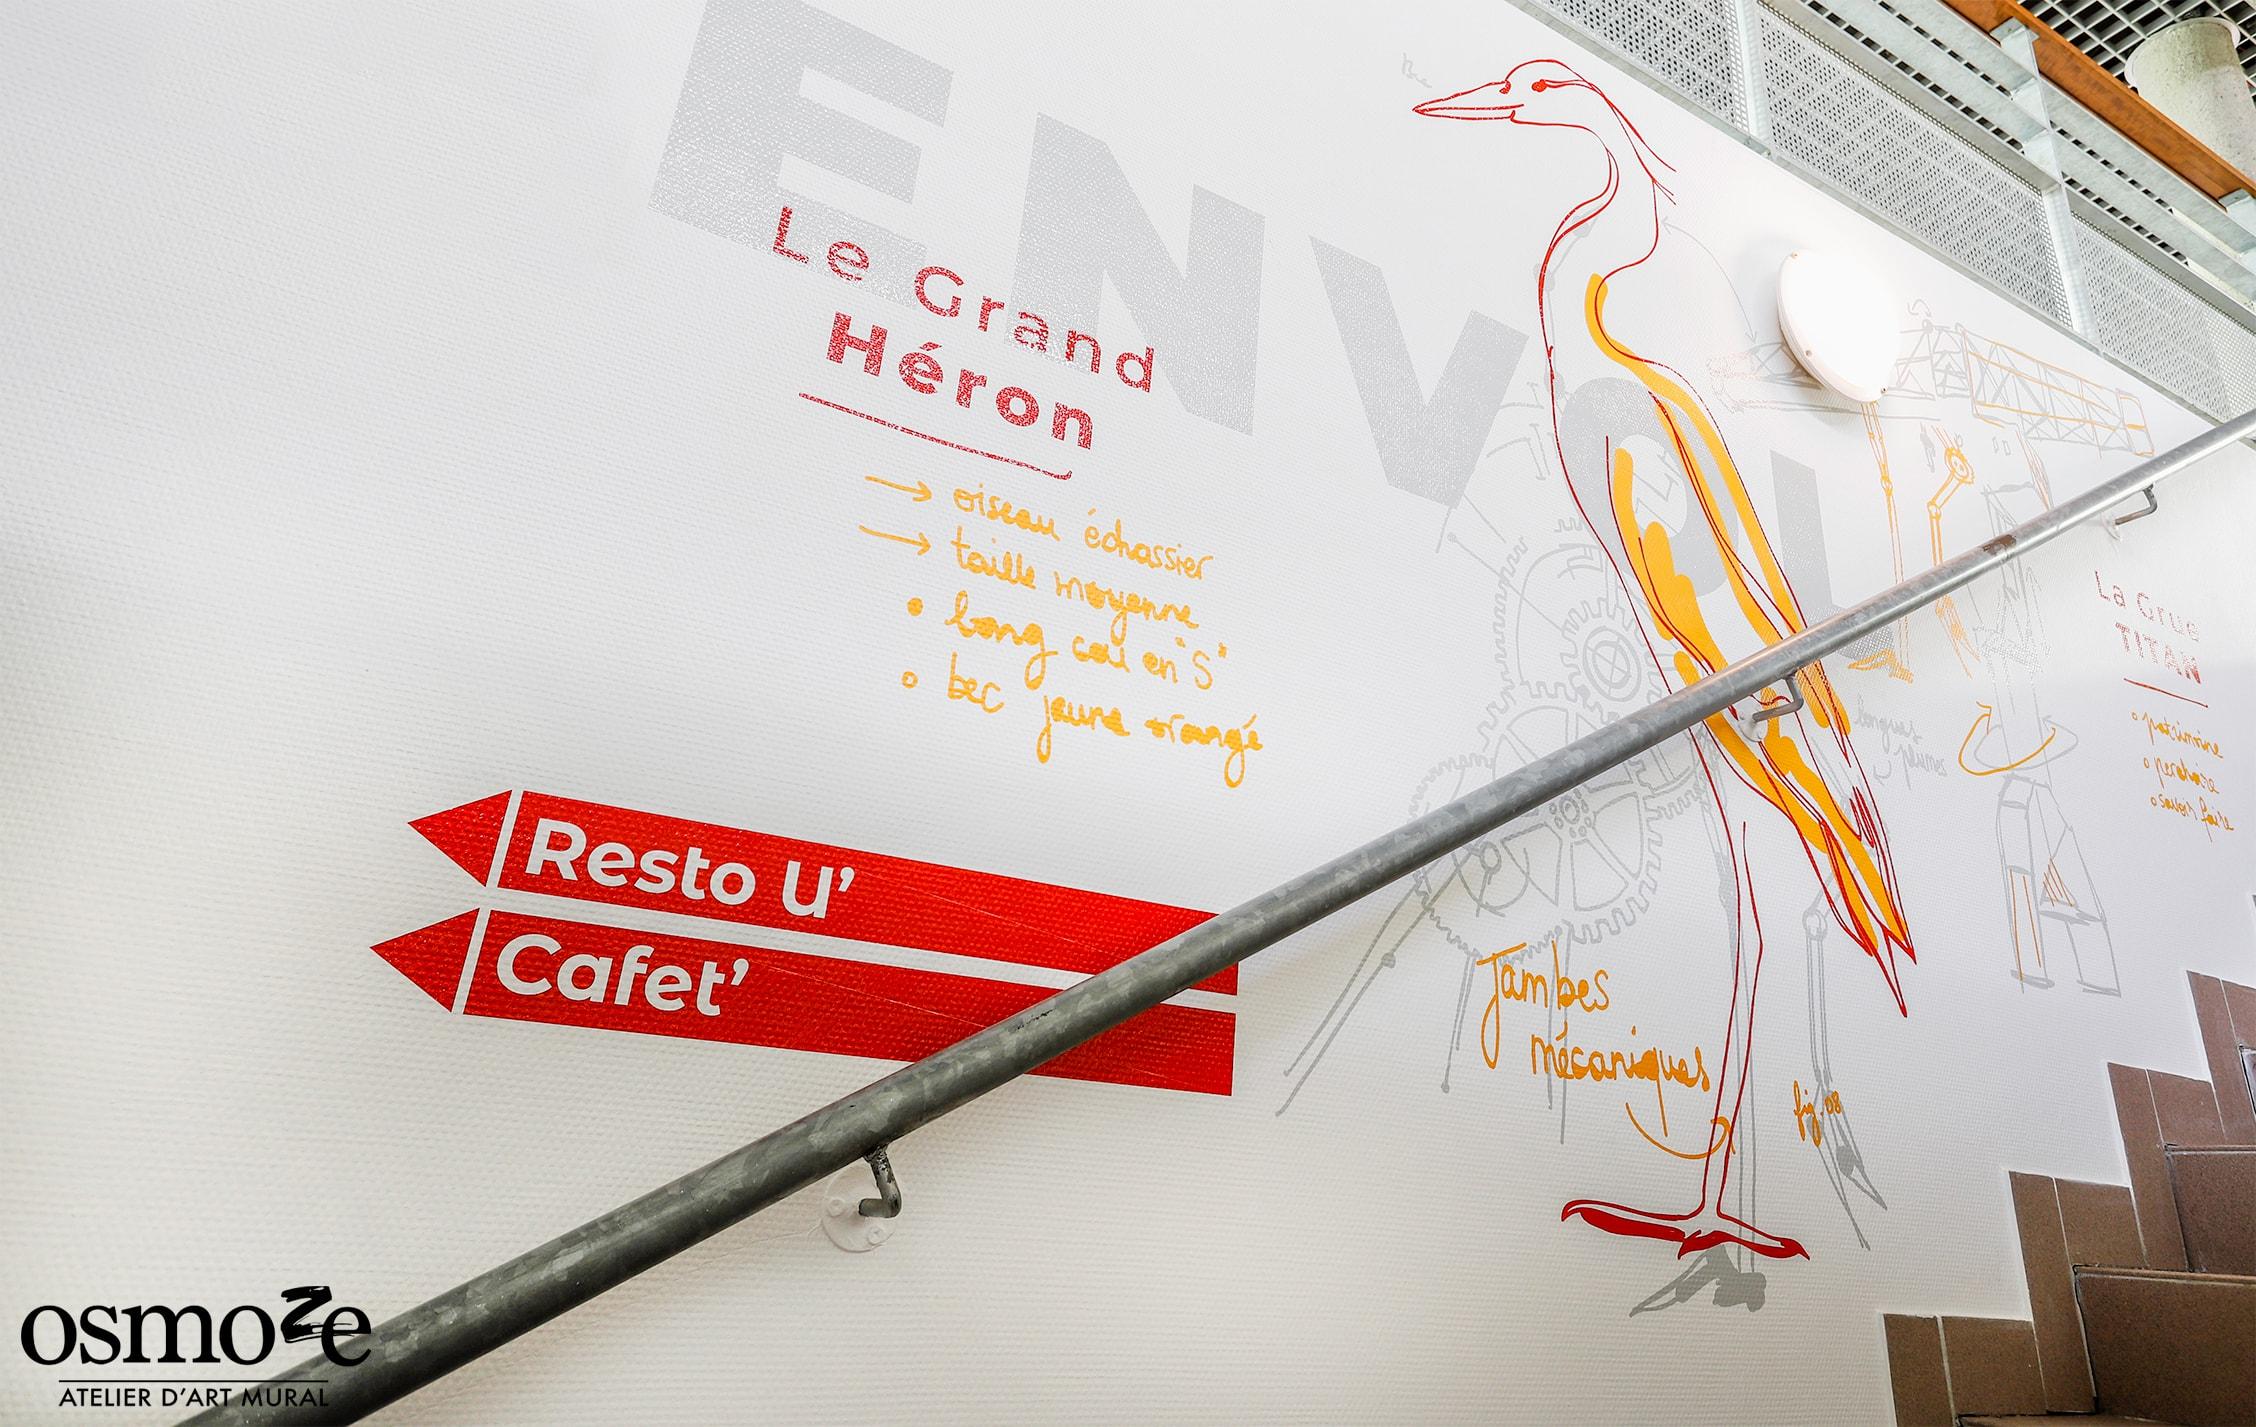 Décoration murale > Signalétique décorative CROUS Nantes > Héron